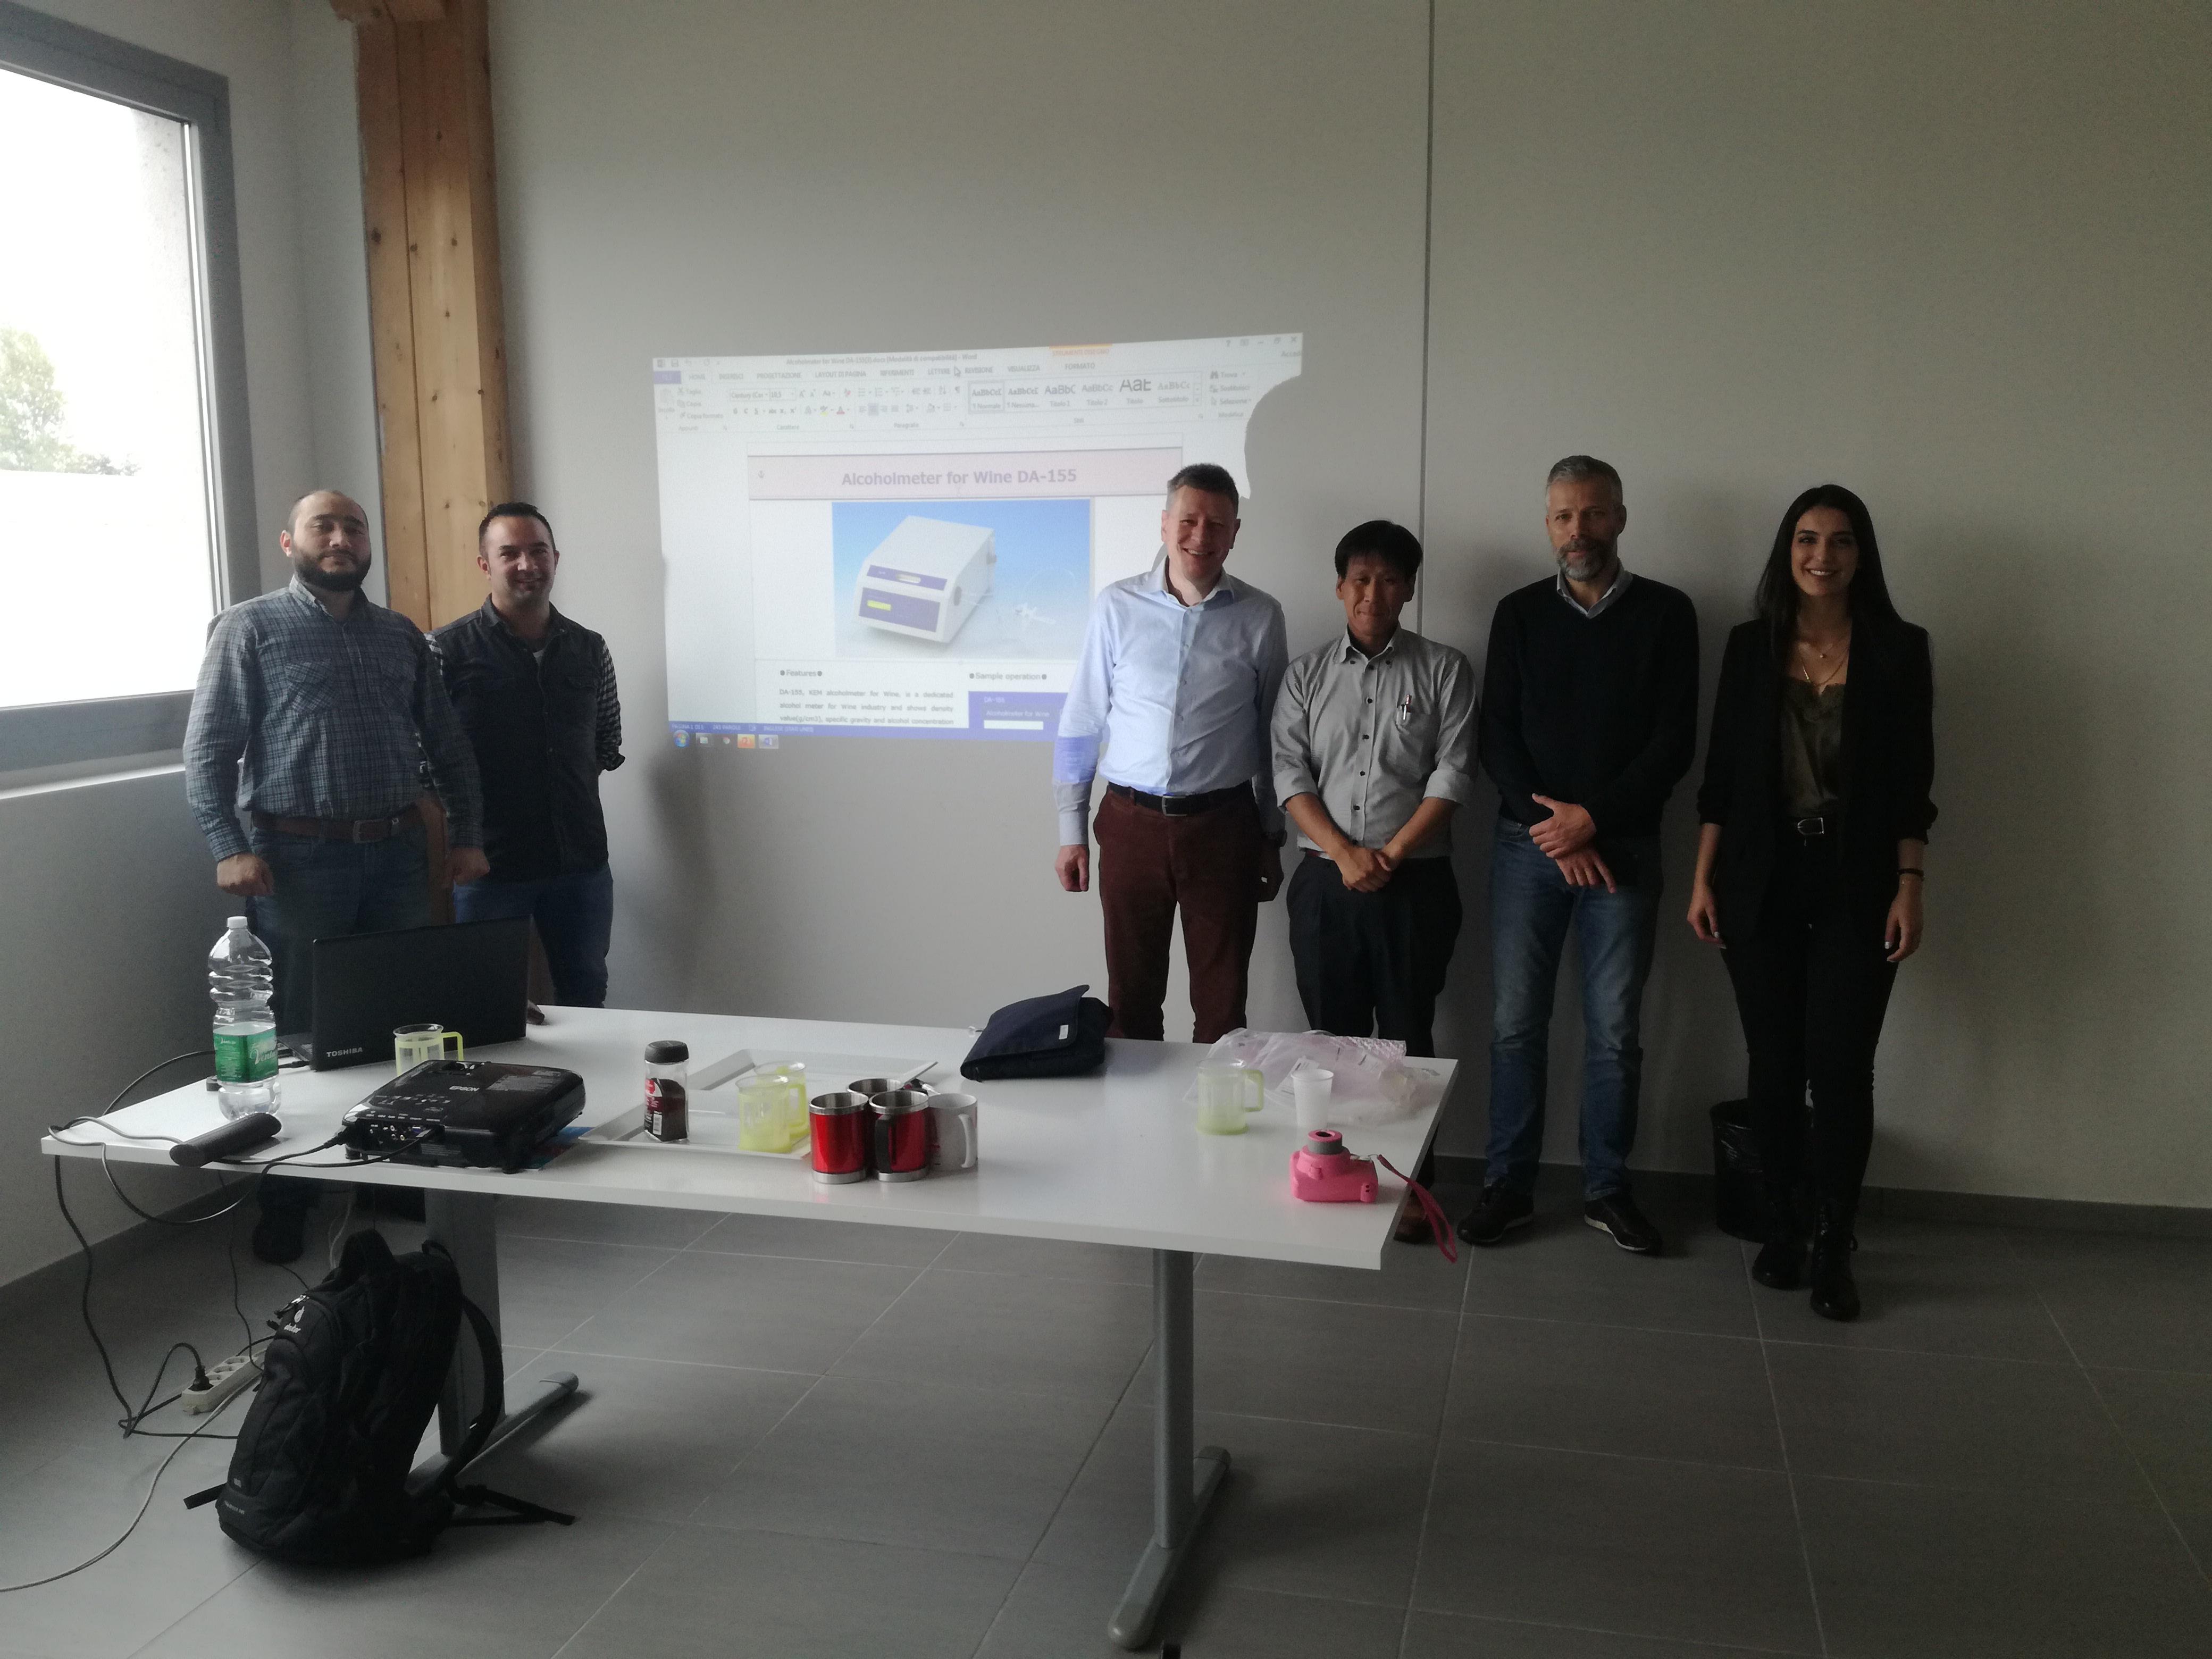 Corso di formazione per distributori KEM in Europa - foto di gruppo